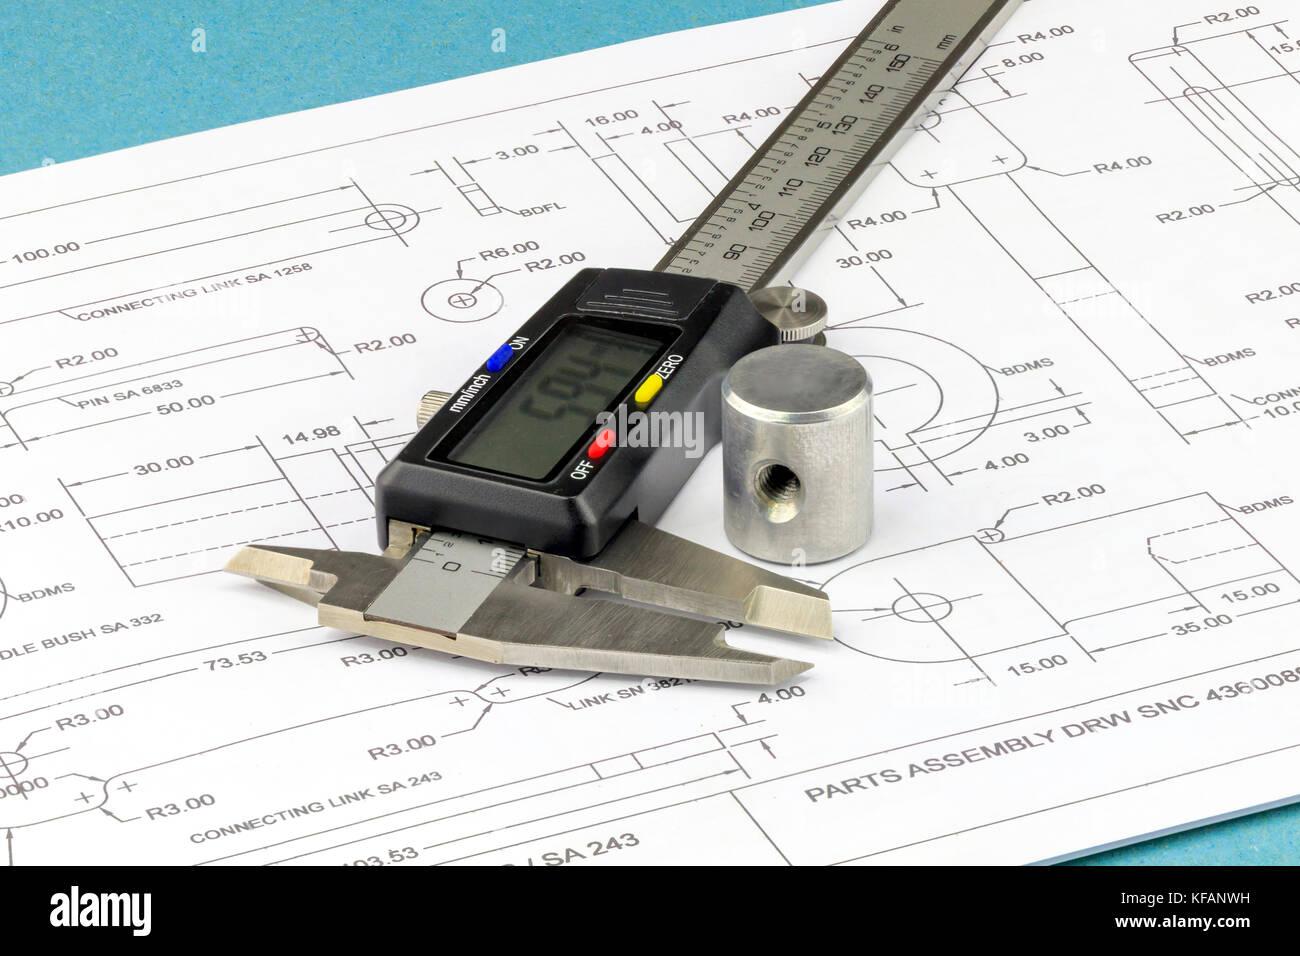 Nahaufnahme auf einem Messschieber und Maschine Teil platziert auf einer technischen Zeichnung Hintergrund Stockbild